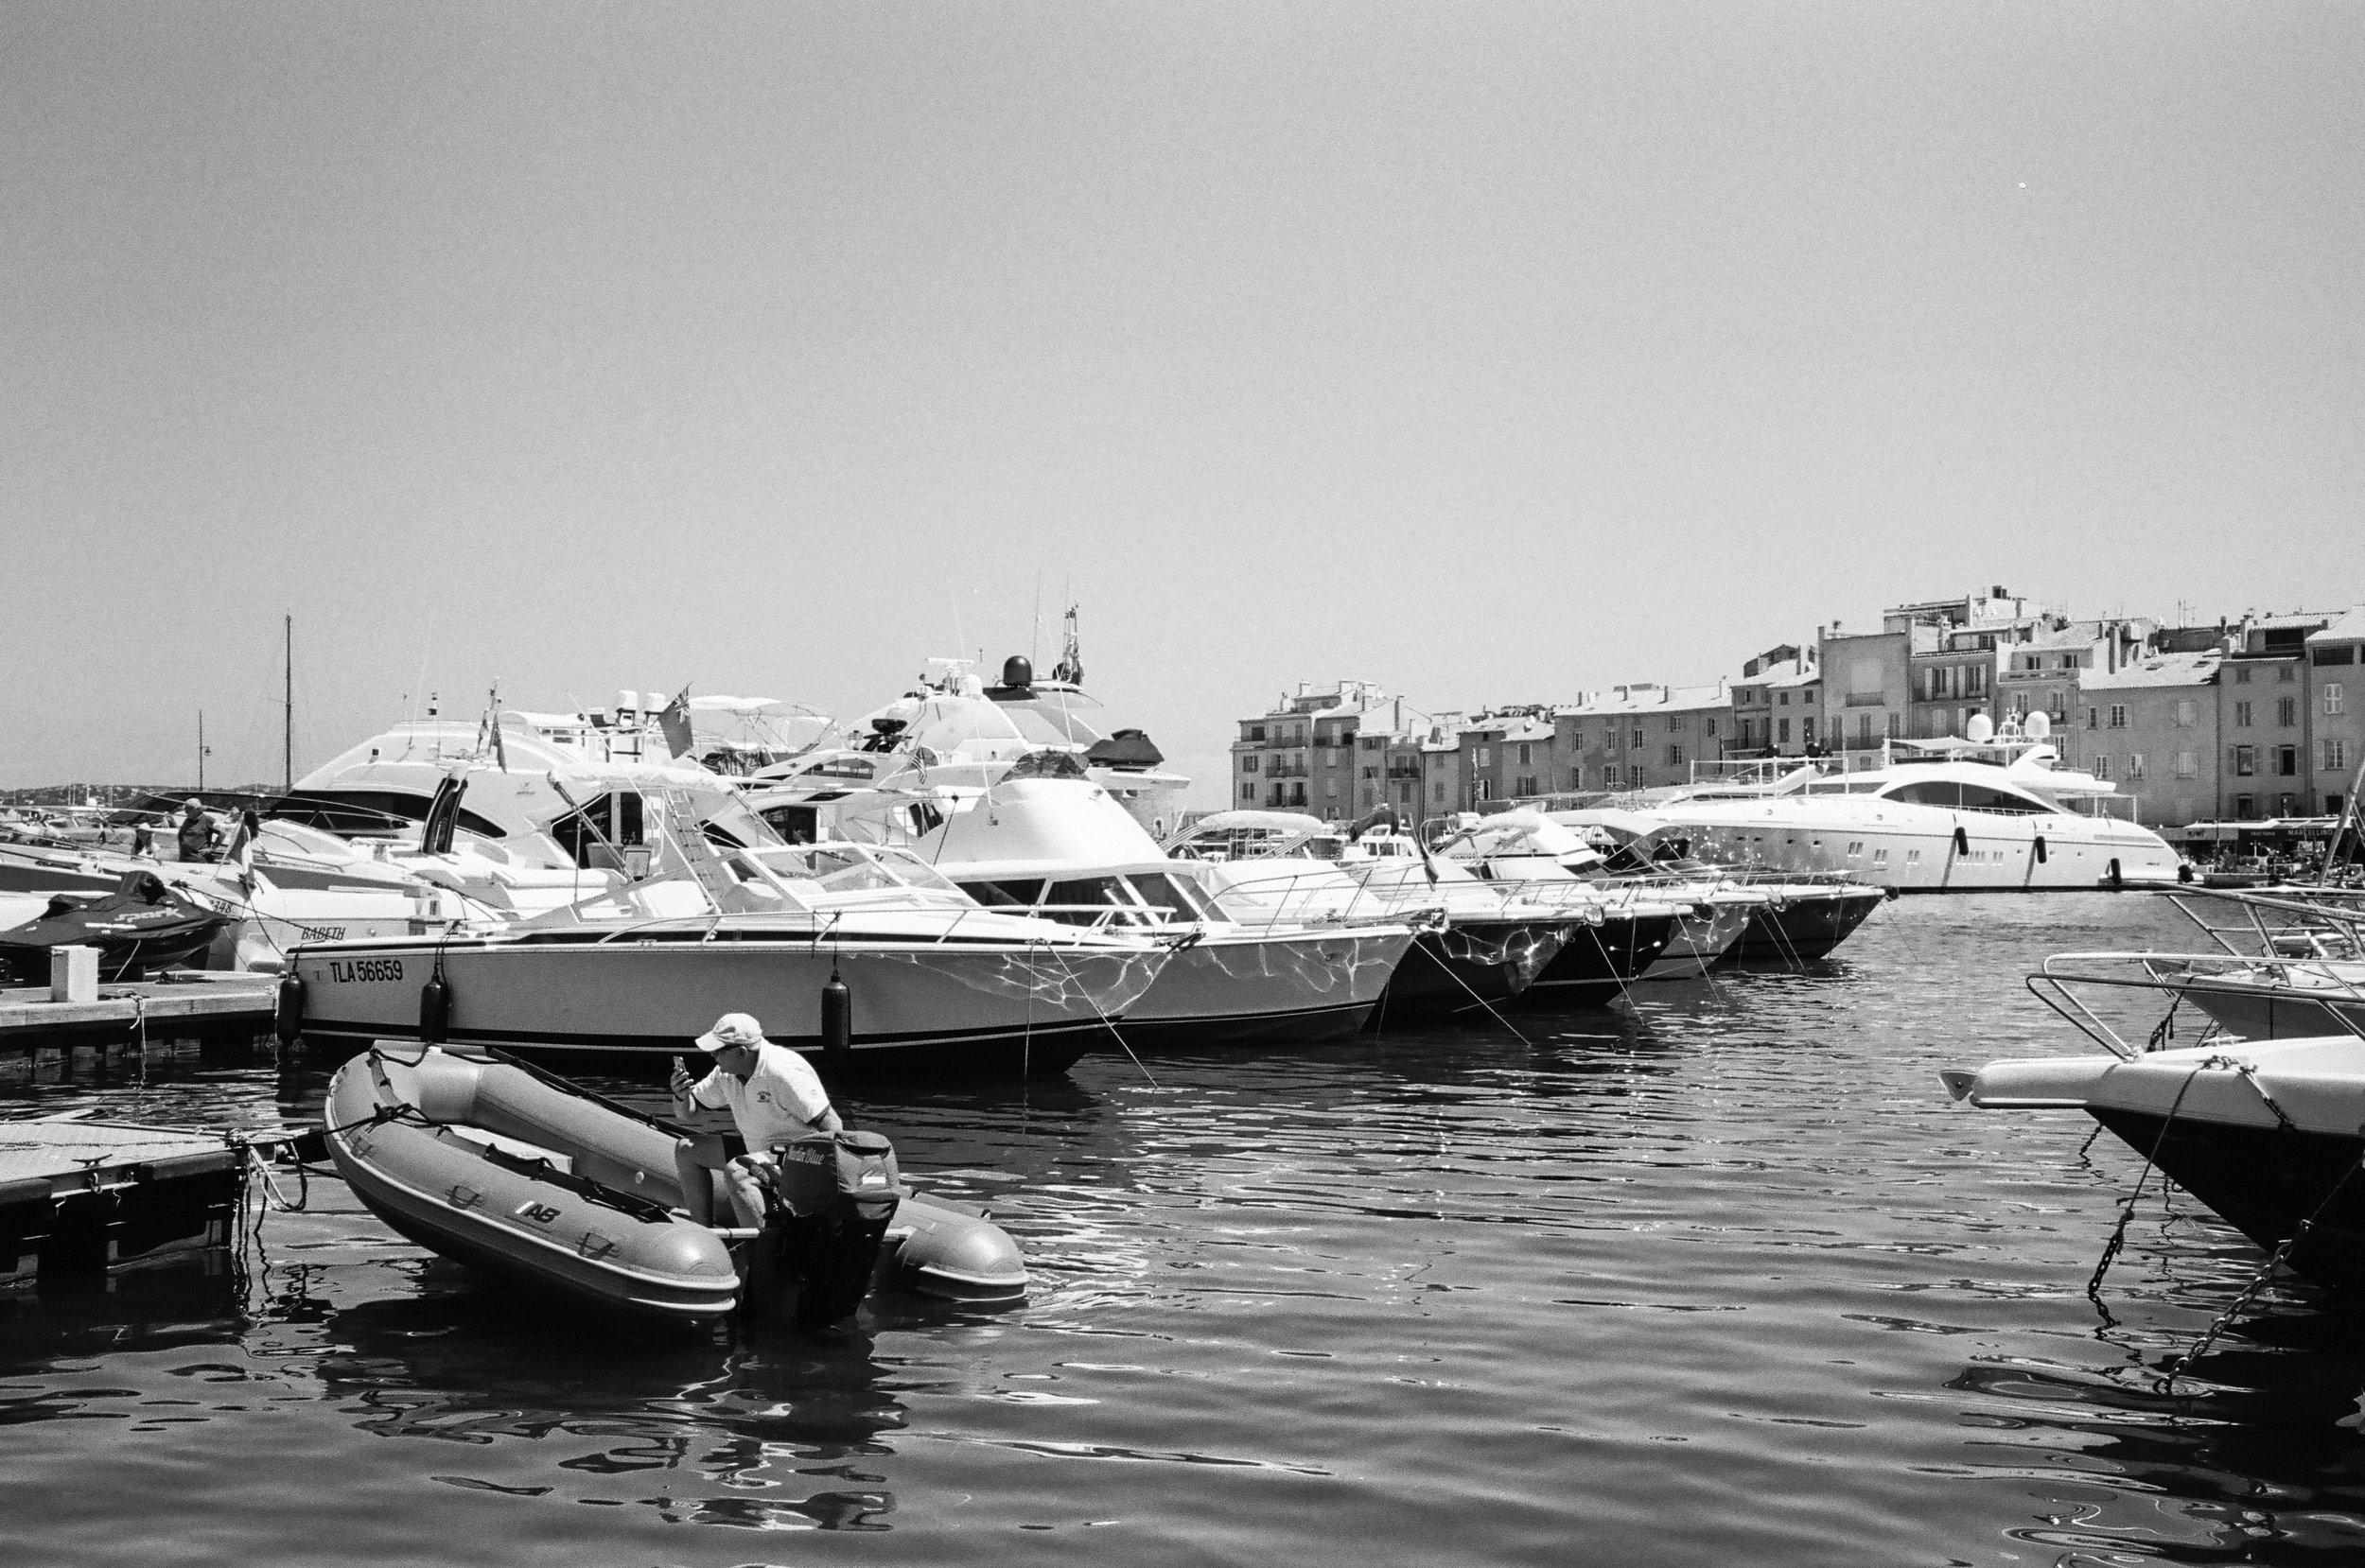 Port de Saint-Tropez, St. Tropez. France. 2017.